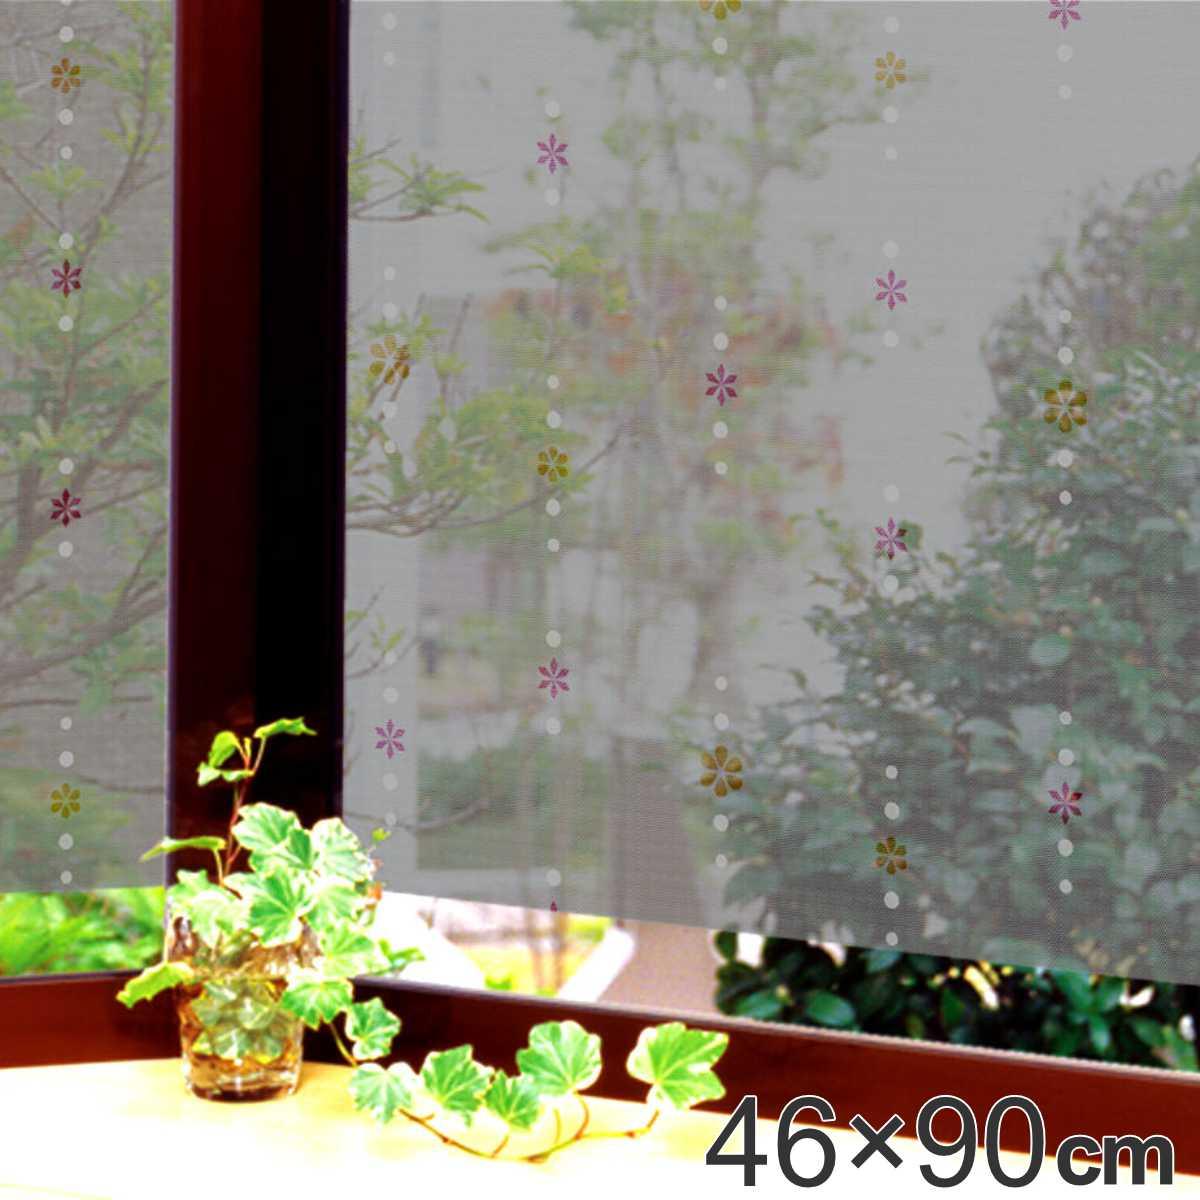 遮熱・断熱窓飾り 両面柄付 GCV-4671 46cm×90cm ( 遮熱シート 遮熱フィルム 遮光 窓 マド エコ 節電 ) 【5000円以上送料無料】